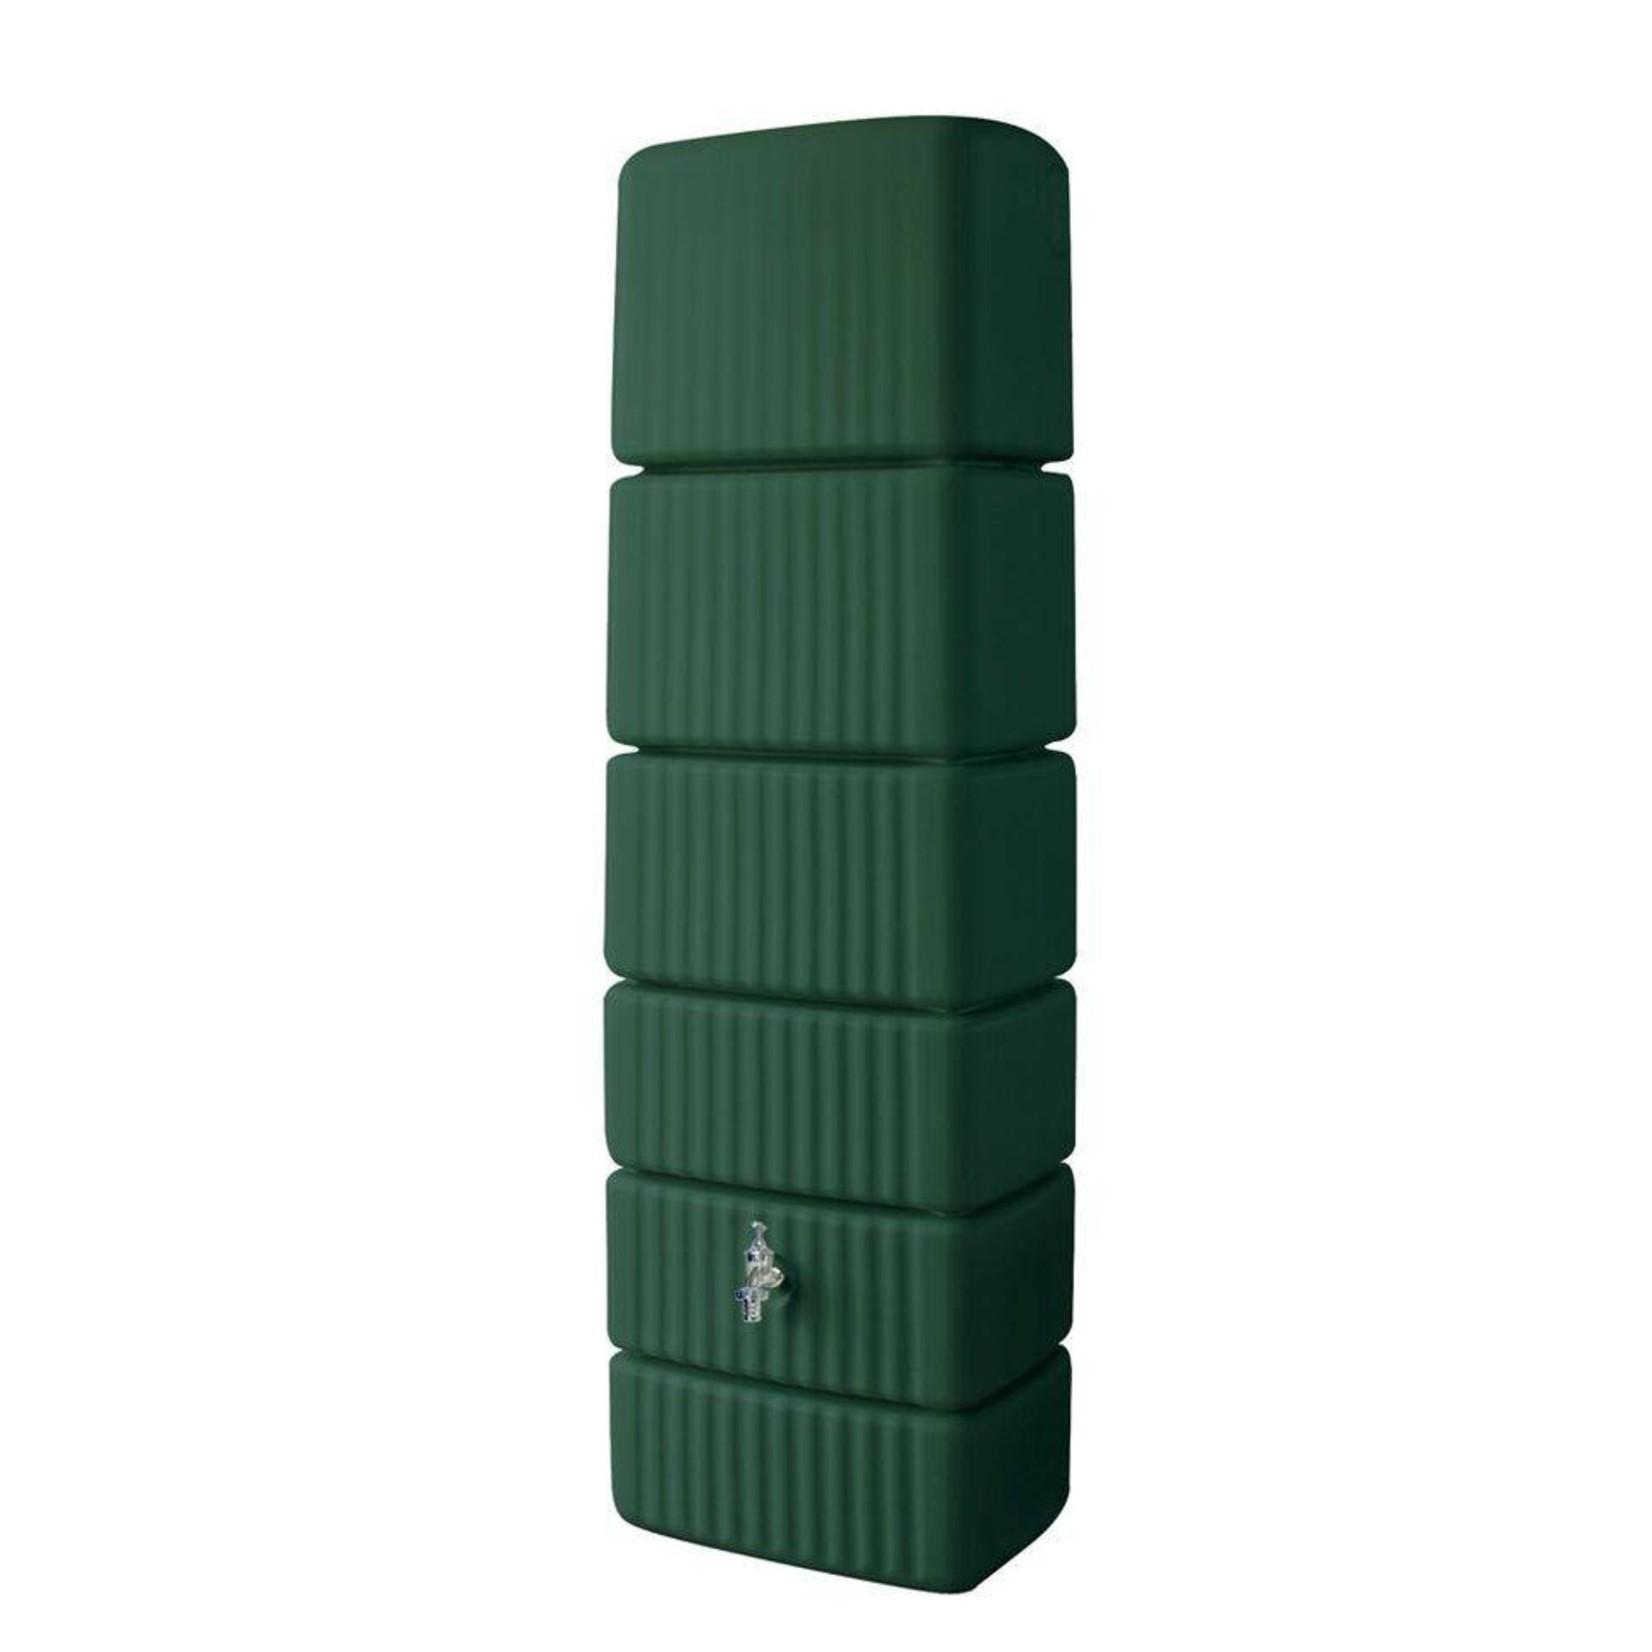 Garantia SLIM wandtank 300 liter groen l.58 x b.37 x h.182 cm